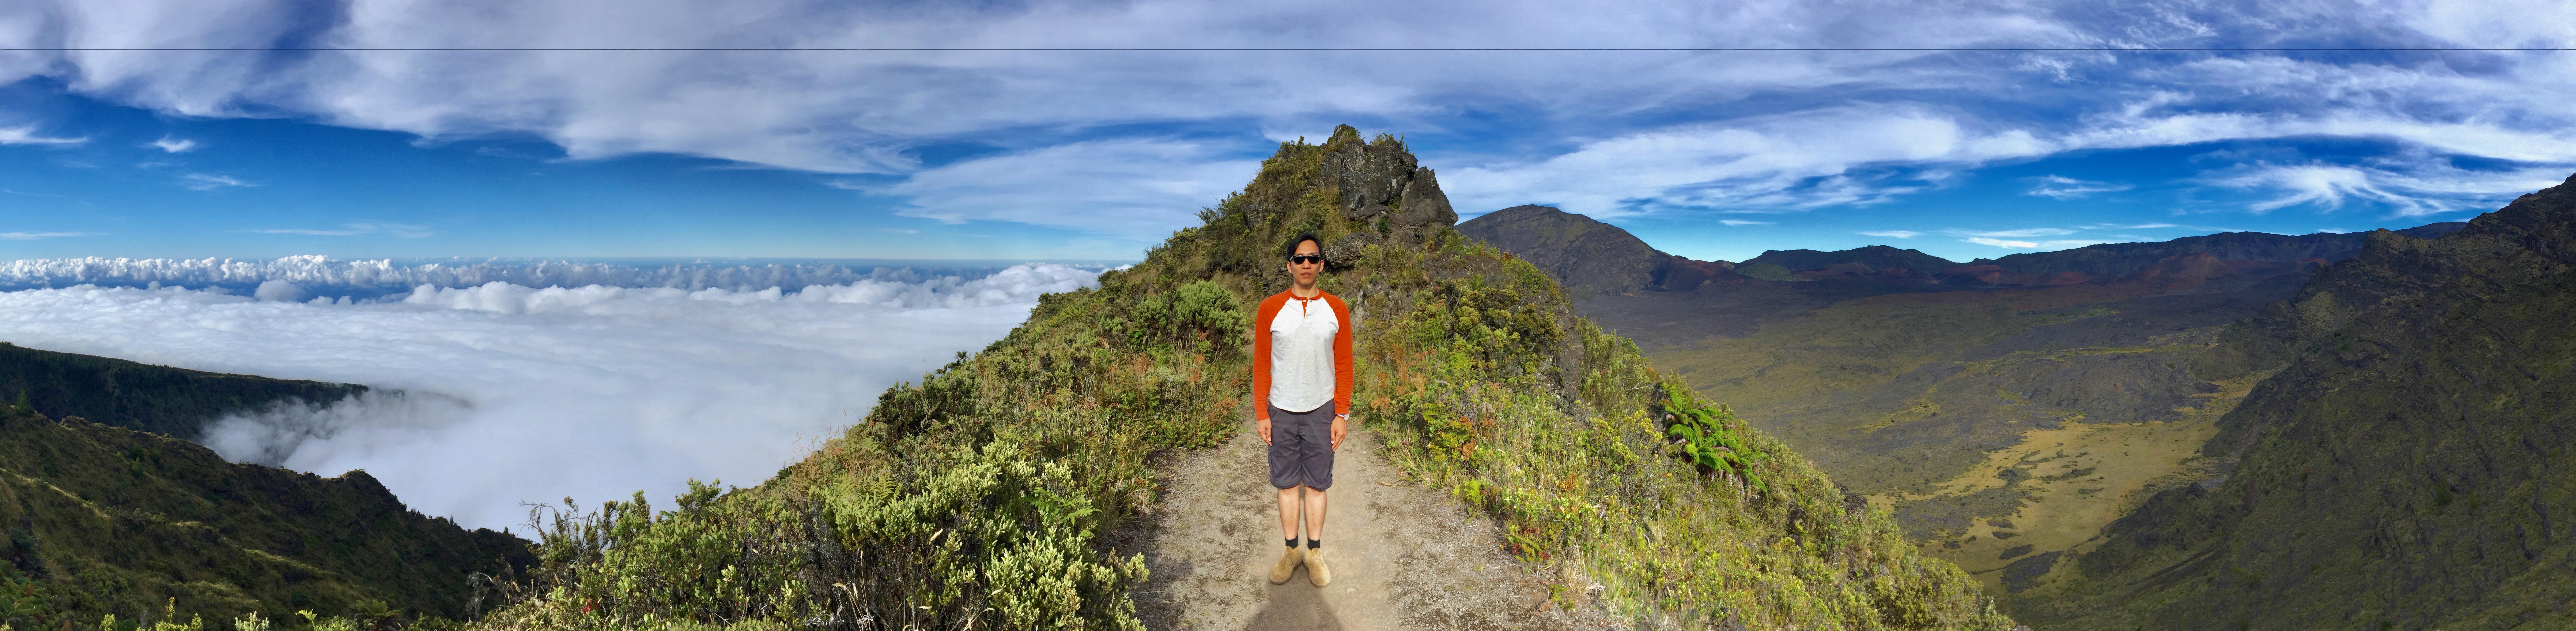 我把這張圖片叫做冰與火之歌,因爲站在山脈上,一邊是潮溼而雲霧瀰漫的熱帶雨林;一遍是乾燥而清澈可見的廣袤大地。